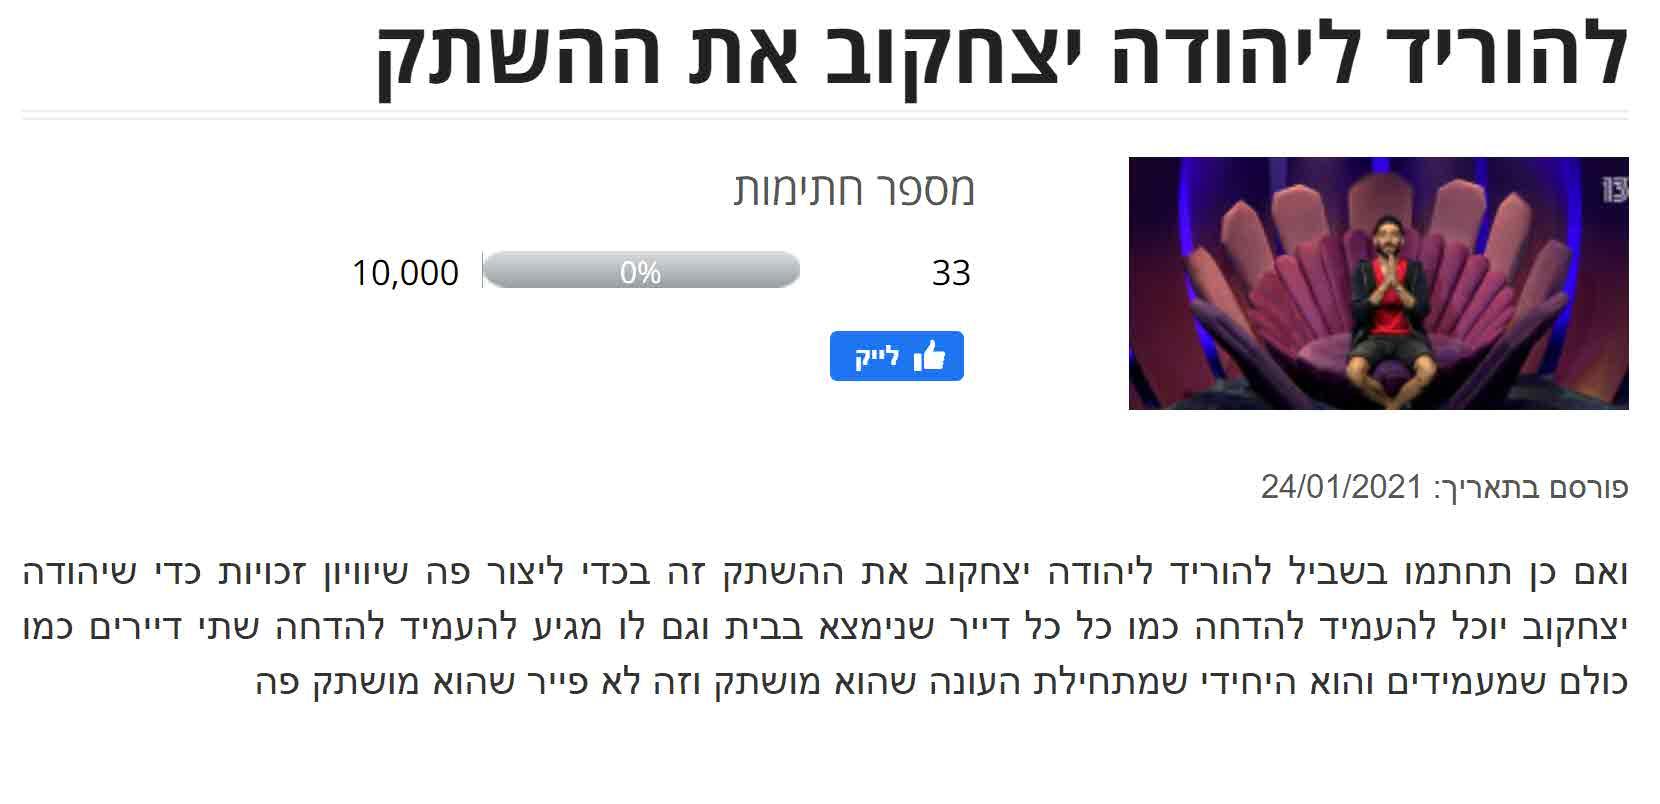 למעריצים של יהודה יצחקוב נמאס והם החליטו לצאת במחאה!